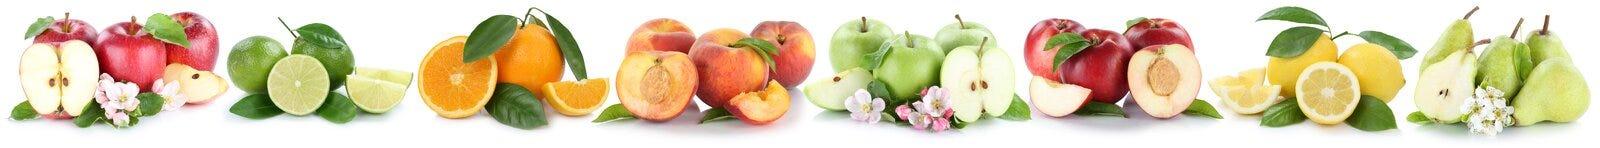 Porte des fruits le fruit frais orange i d'oranges de pommes de nectarine de citron de pomme Photos libres de droits